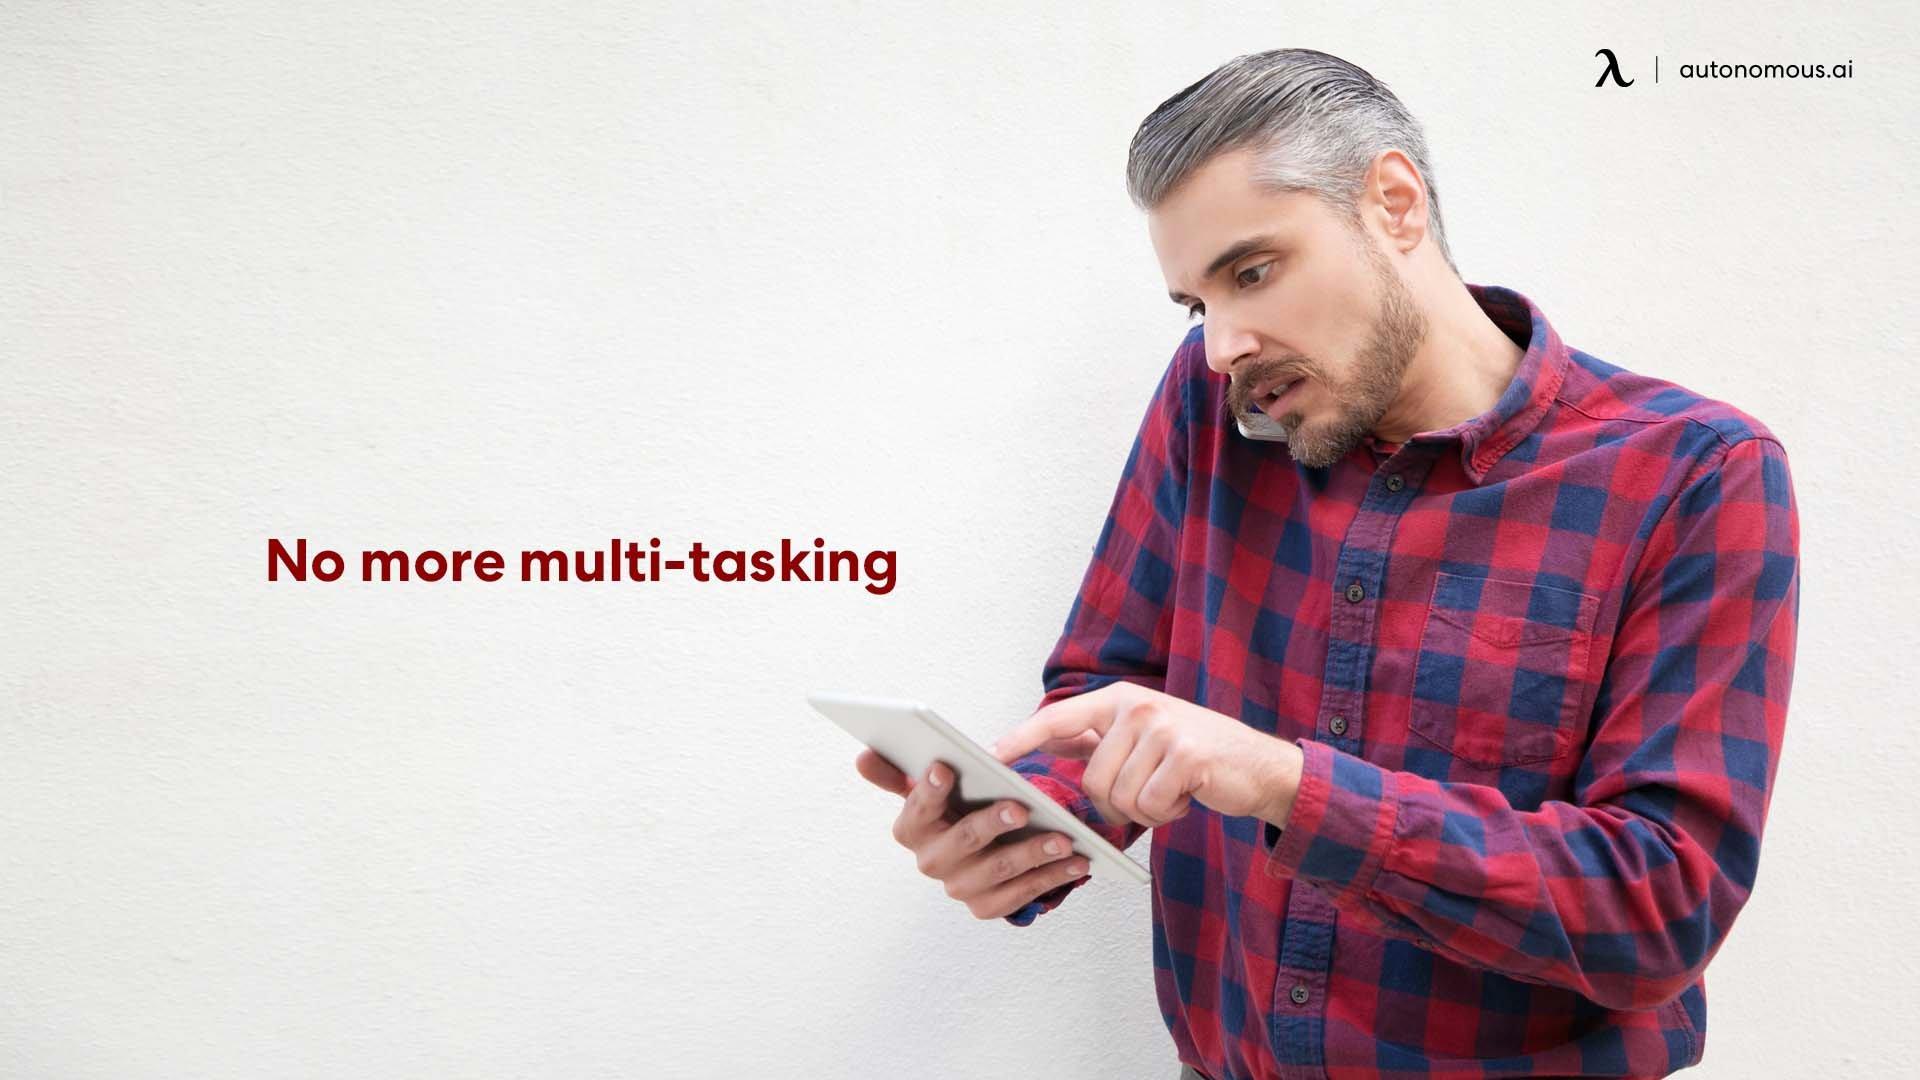 Man multitasking